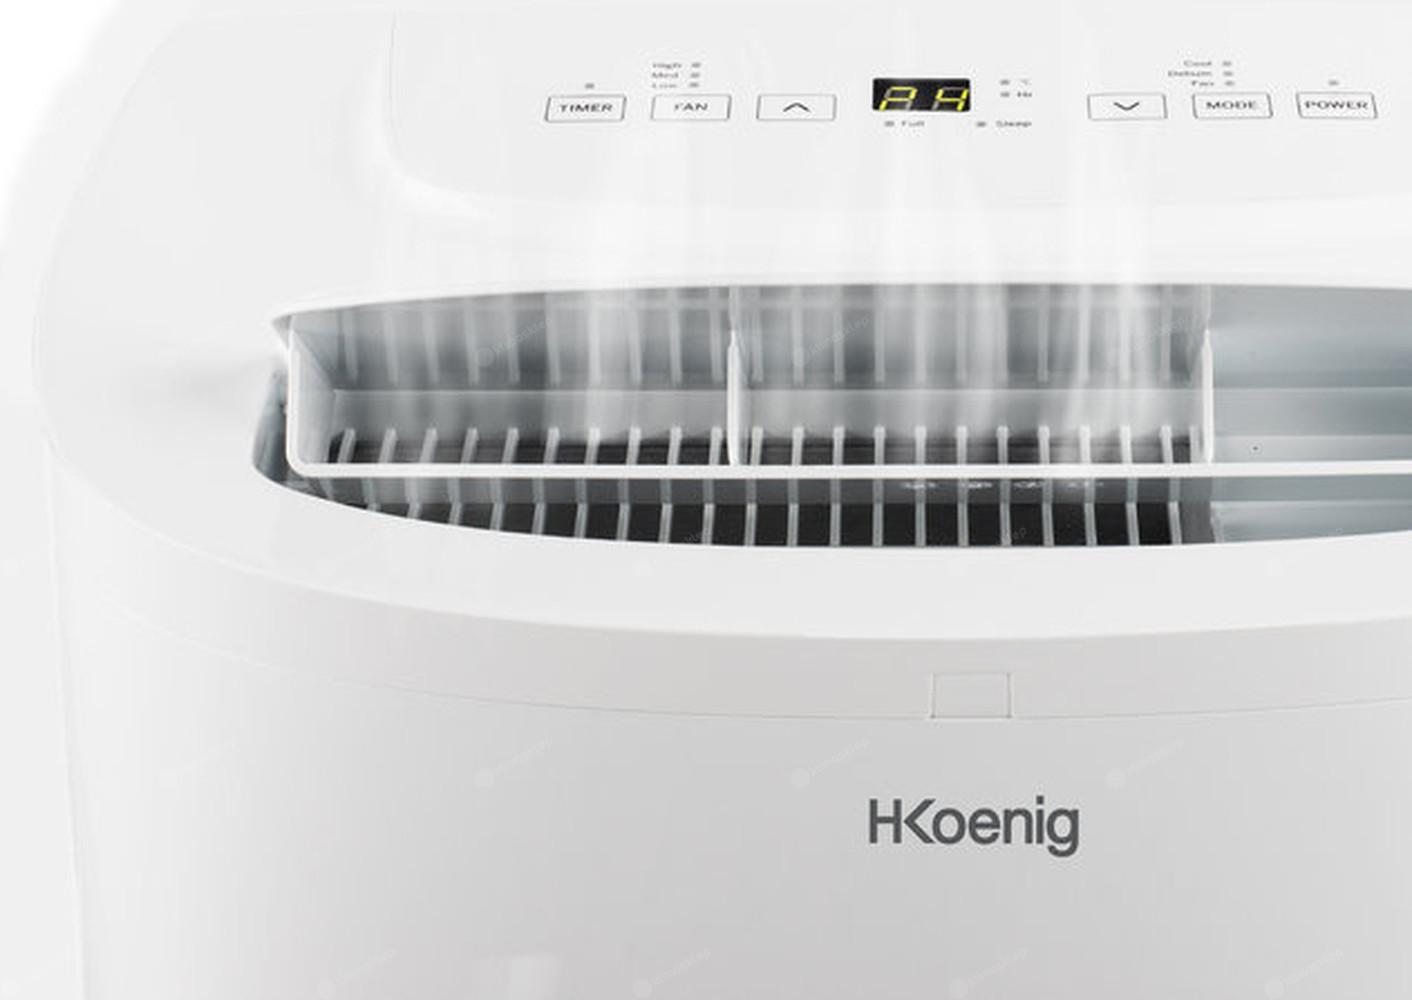 Klimatyzator H.Koenig-KOL6812 - wylot zimnego powietrza